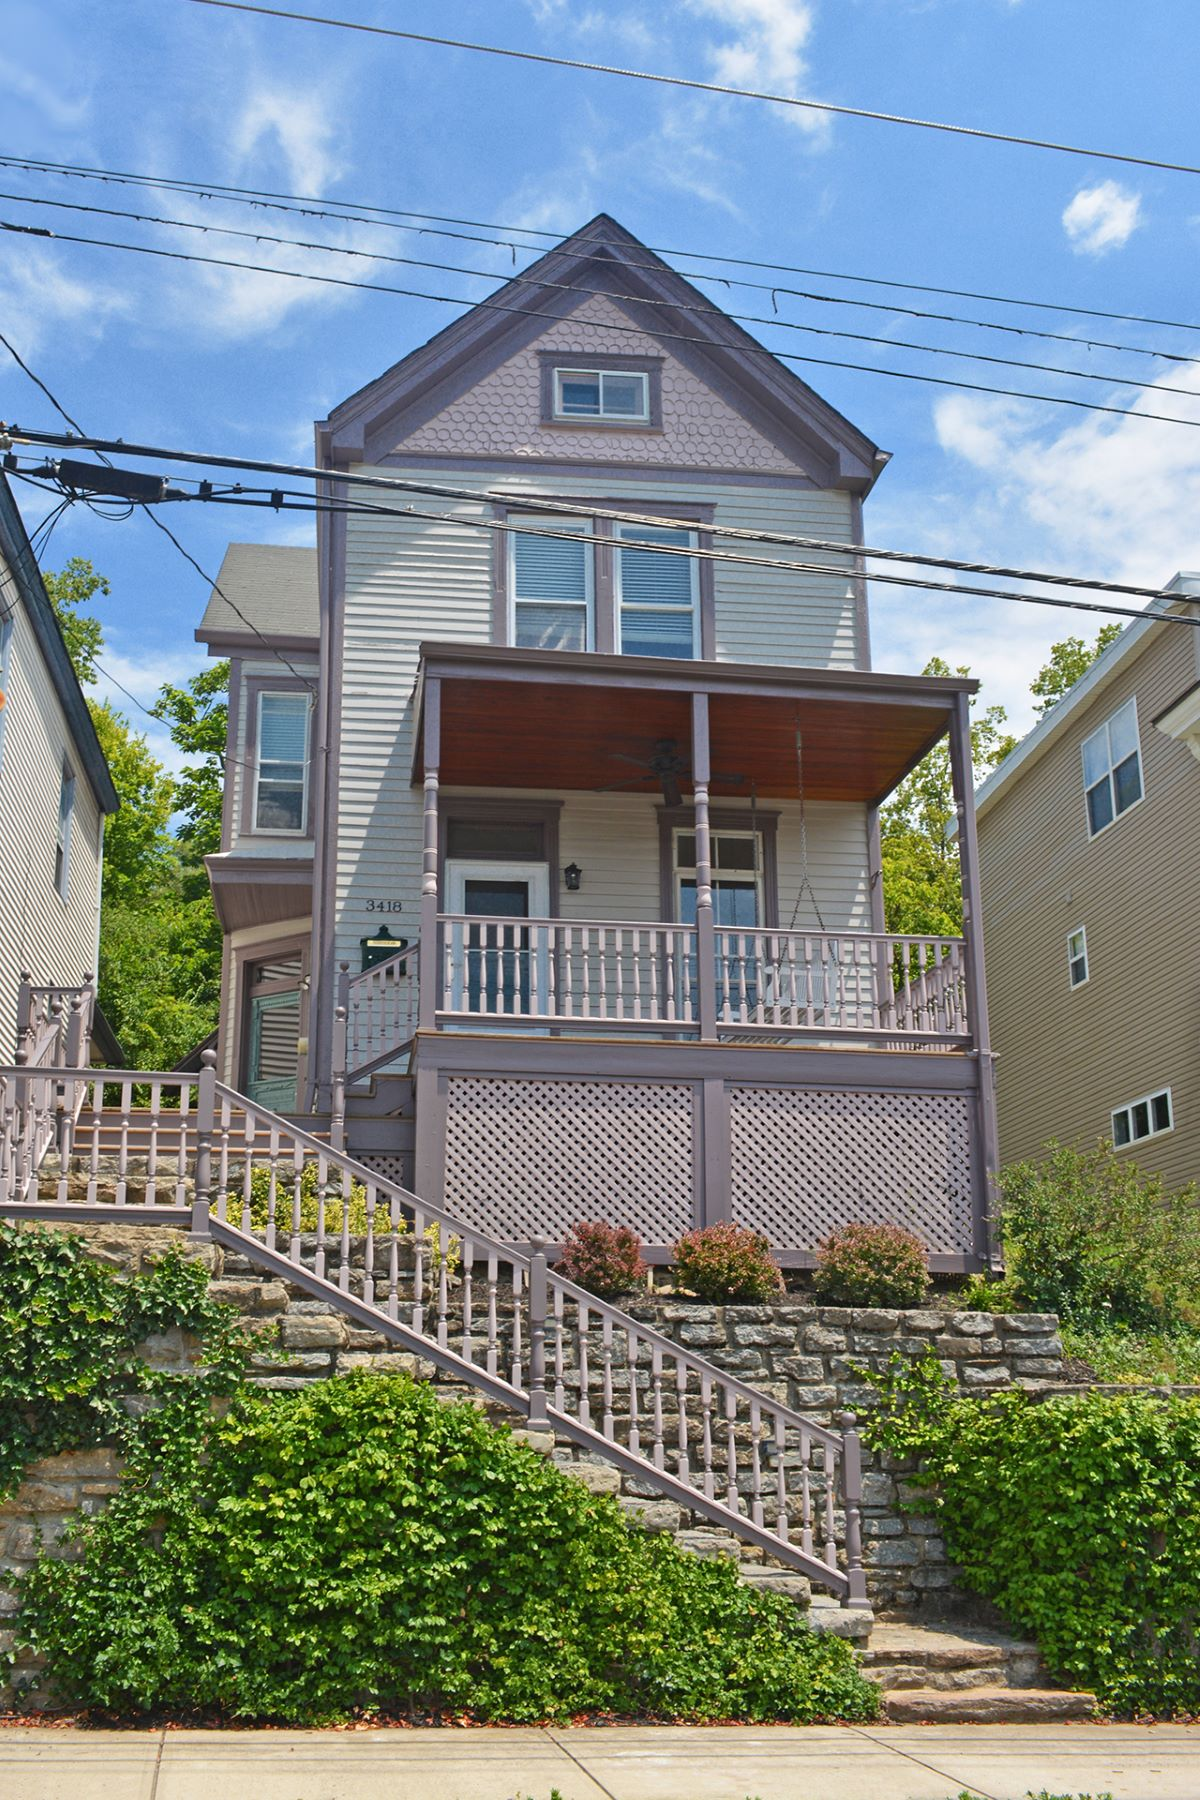 Casa Unifamiliar por un Venta en This 1883 Victorian is loaded with charm 3418 Walworth Ave Cincinnati, Ohio, 45226 Estados Unidos